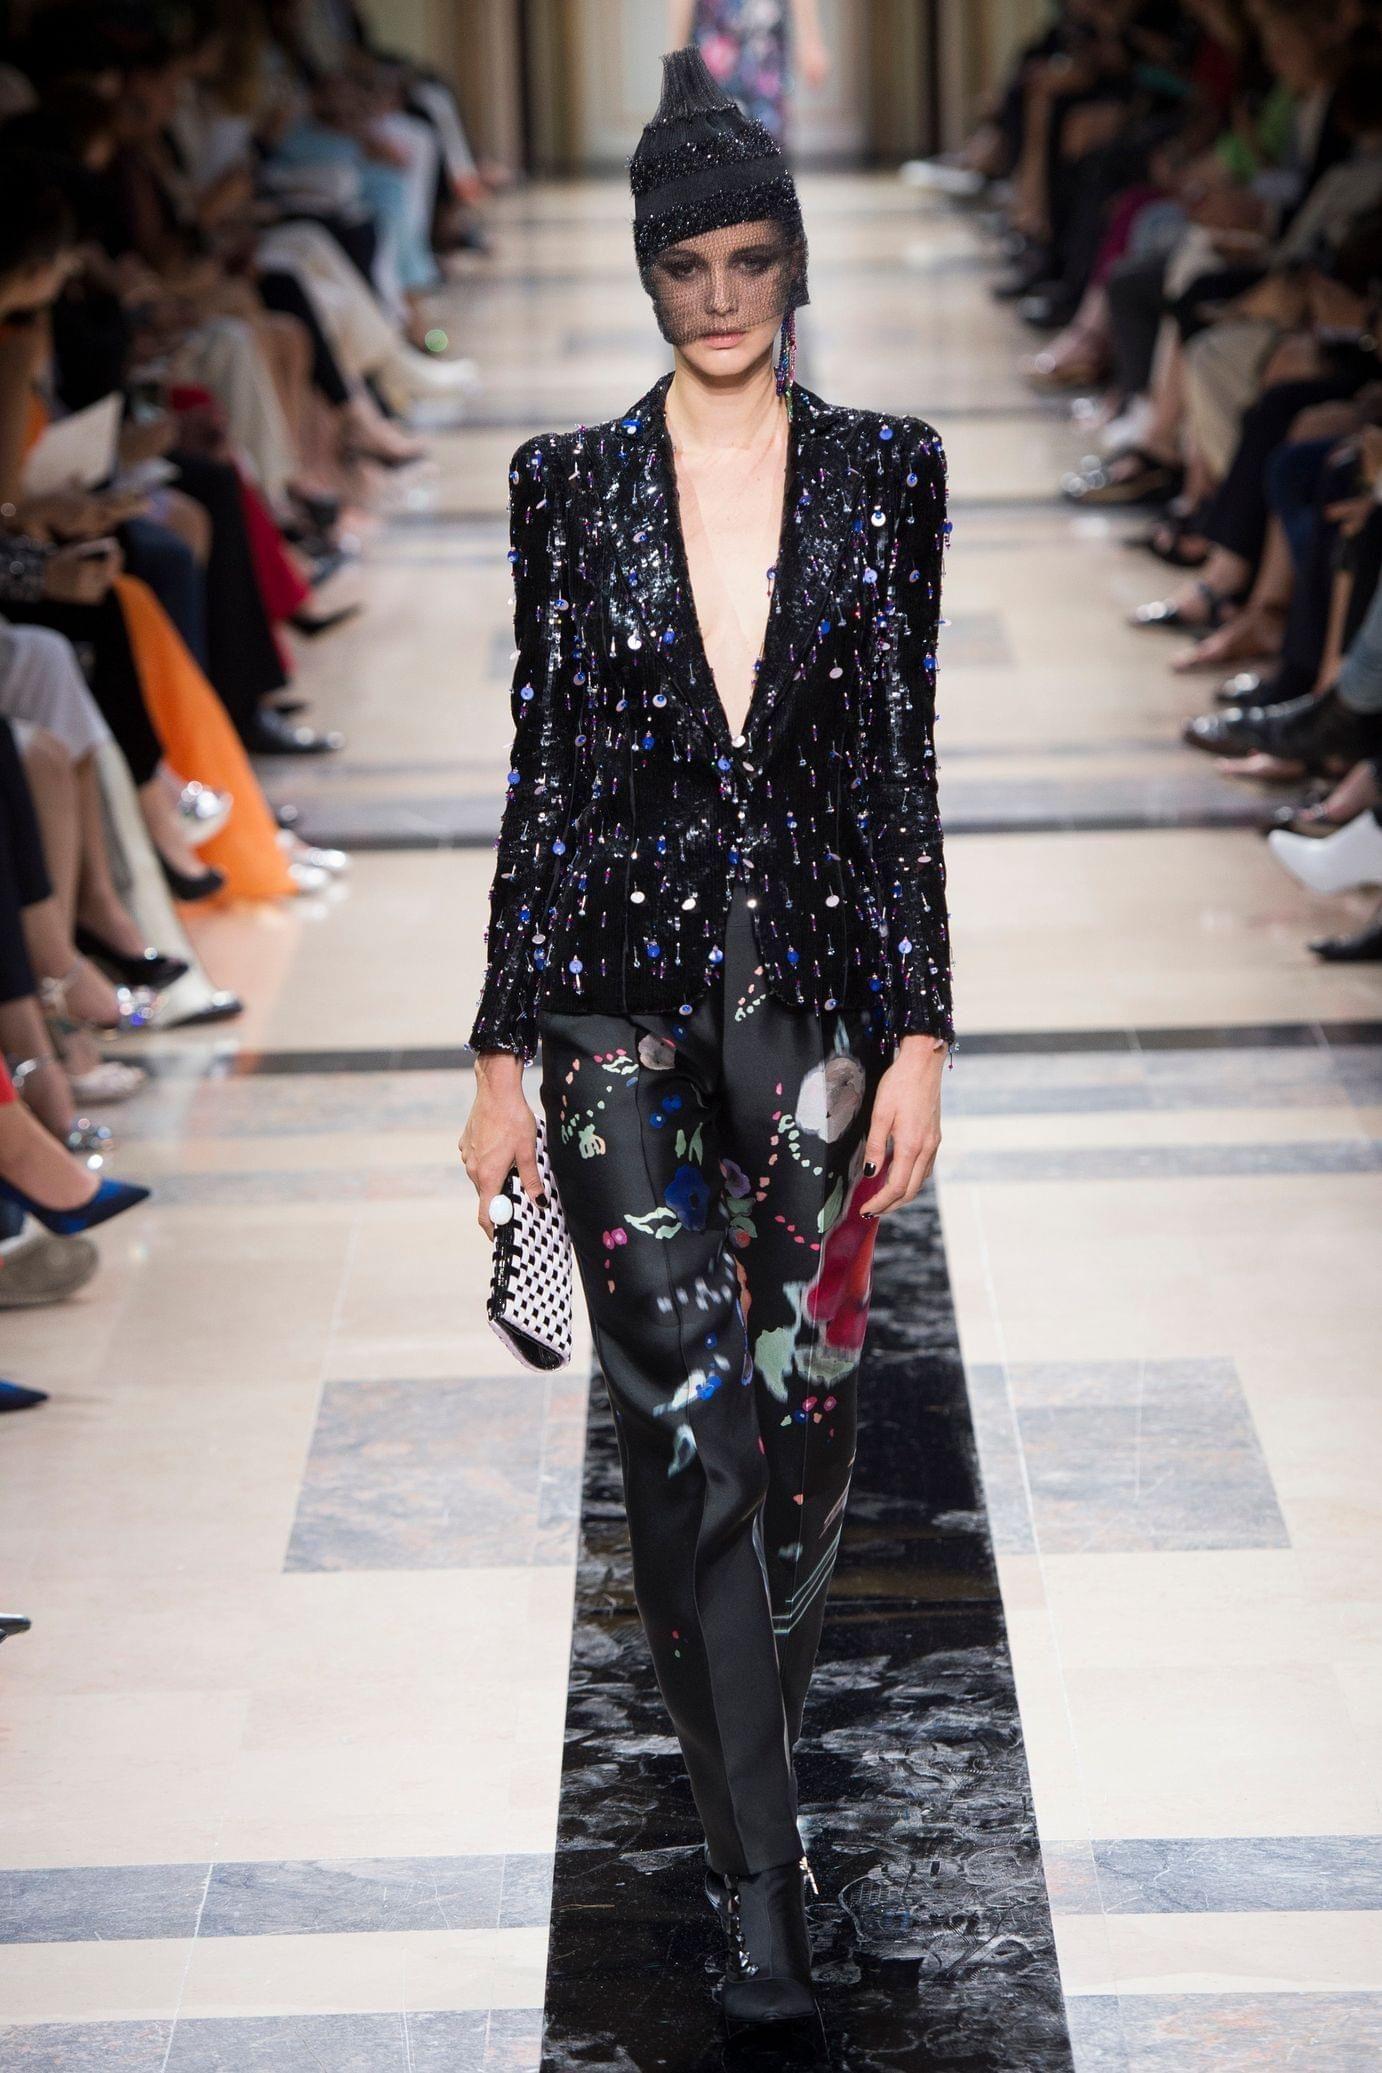 Défilé Armani Privé Haute couture automne-hiver 2017-2018 19